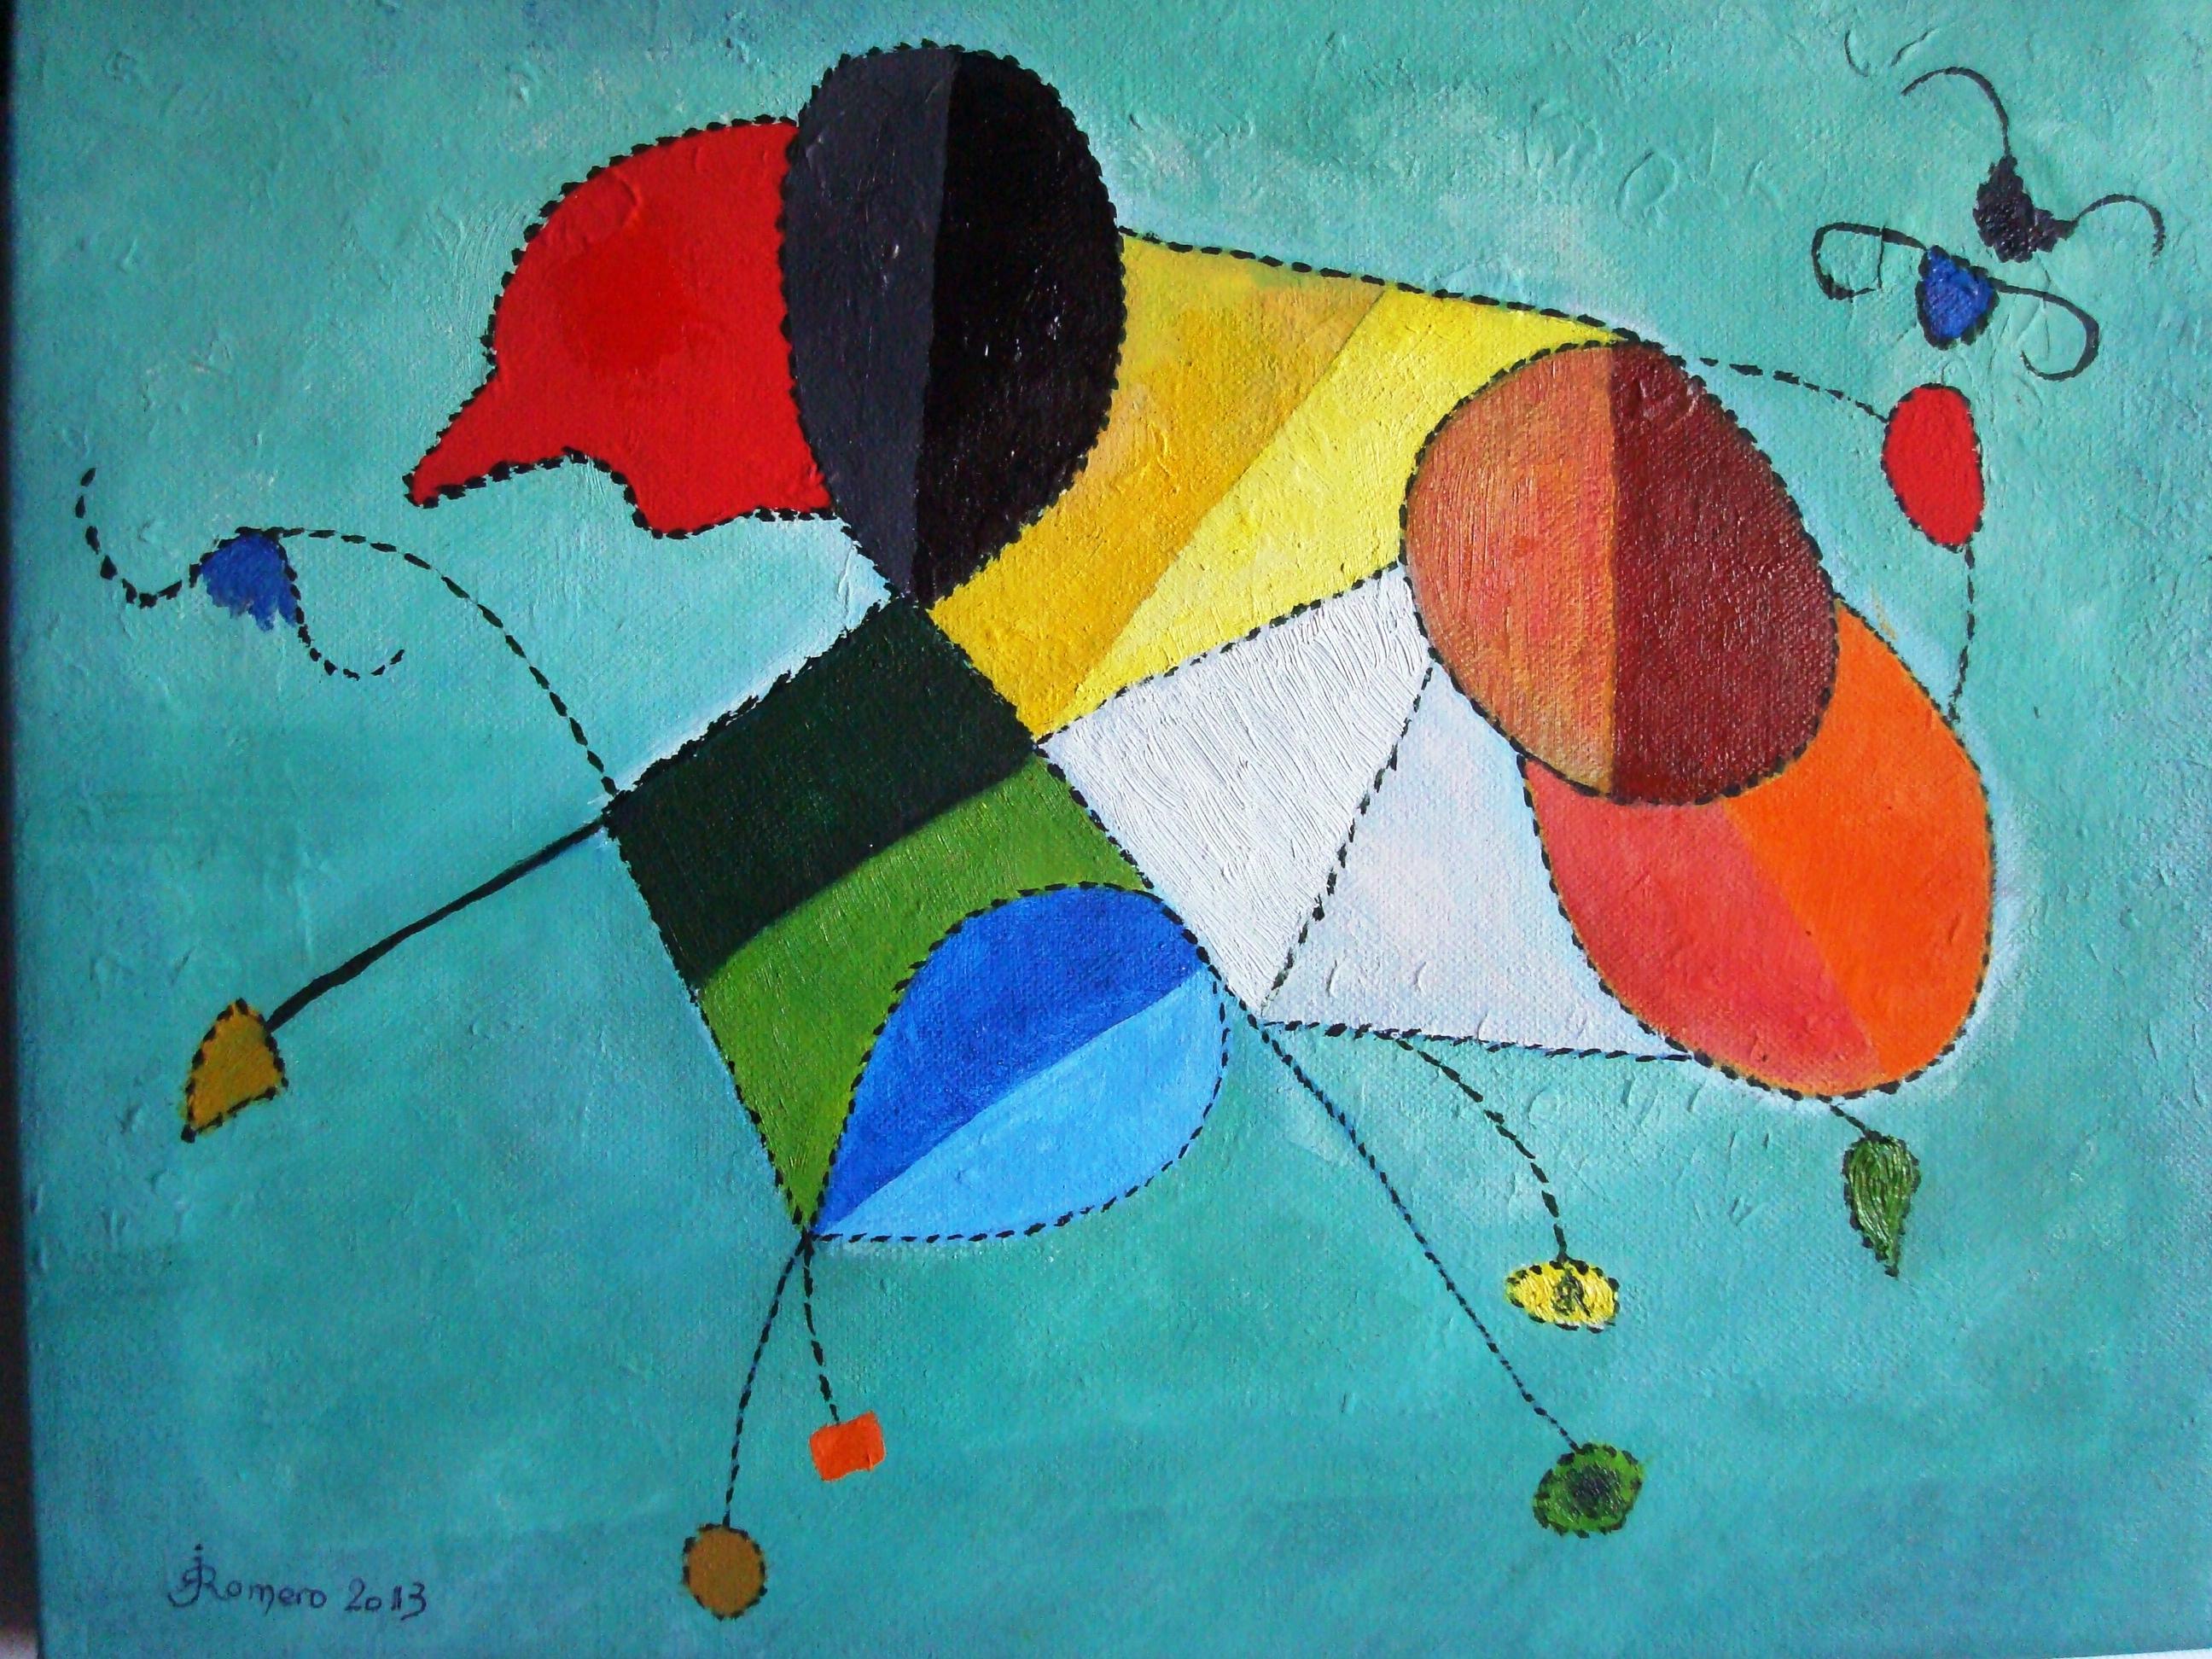 romero-recicla-colores